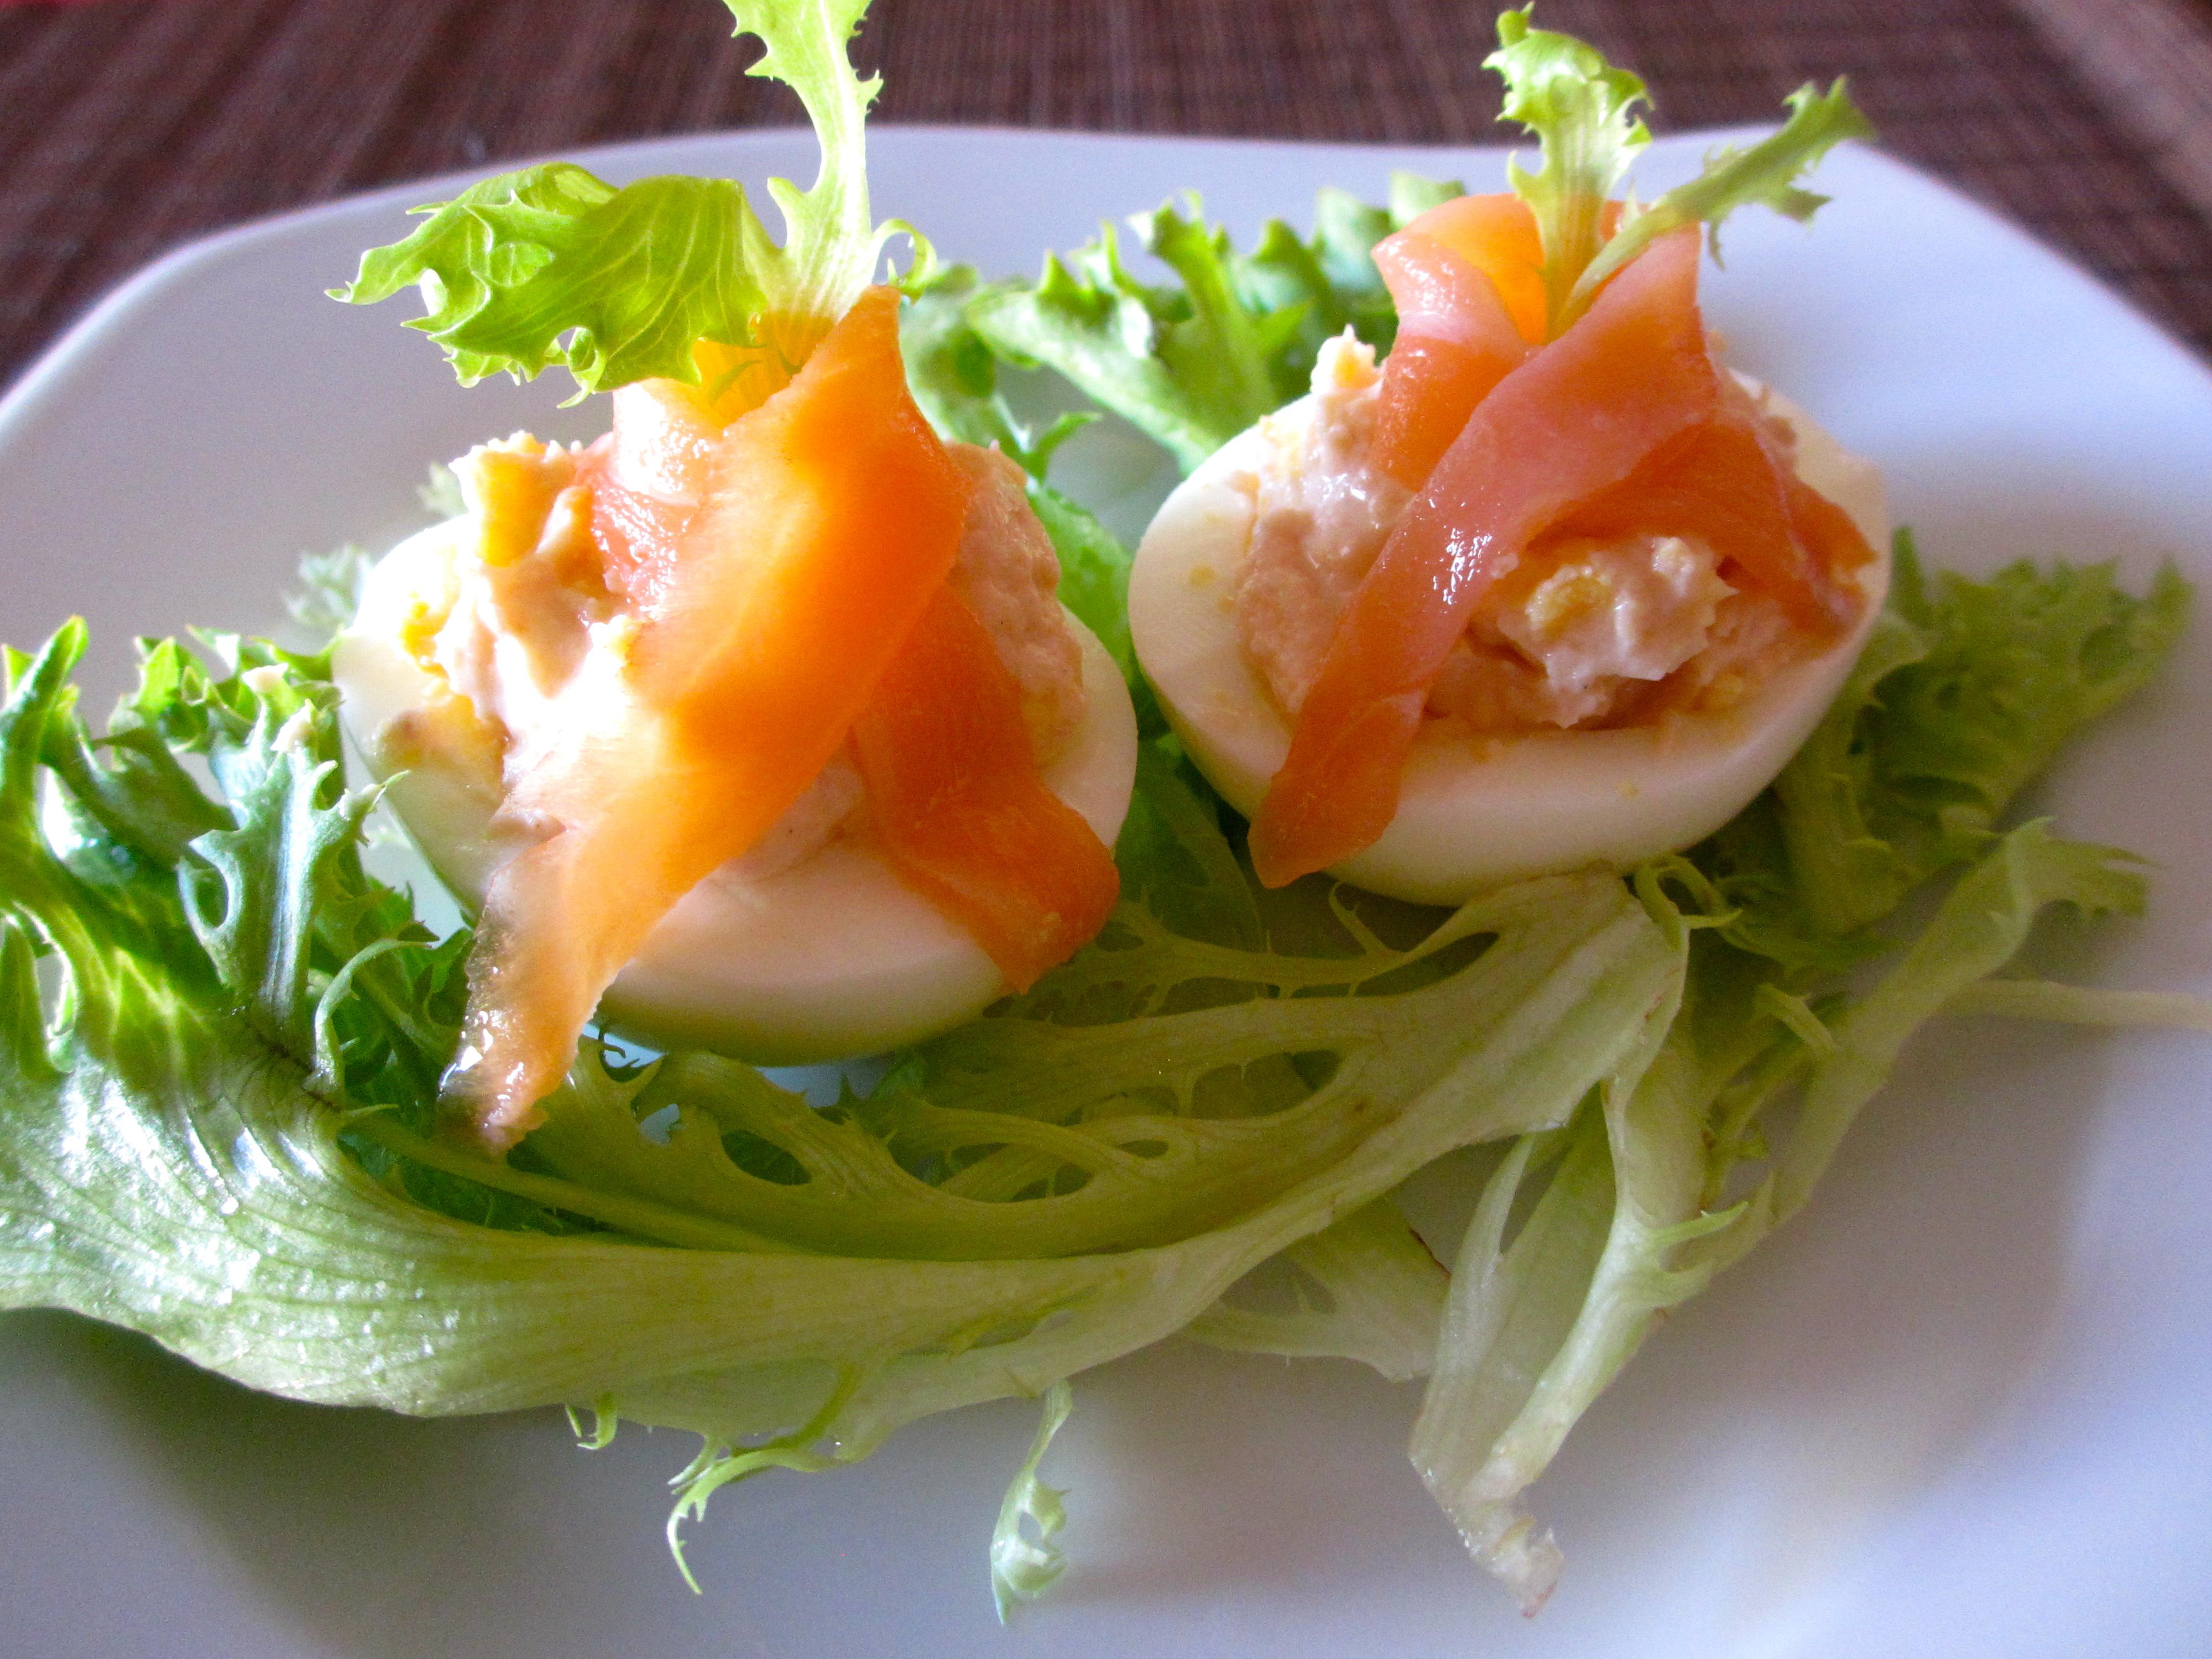 oeufs en saumon diet d lices recettes diet tiques. Black Bedroom Furniture Sets. Home Design Ideas